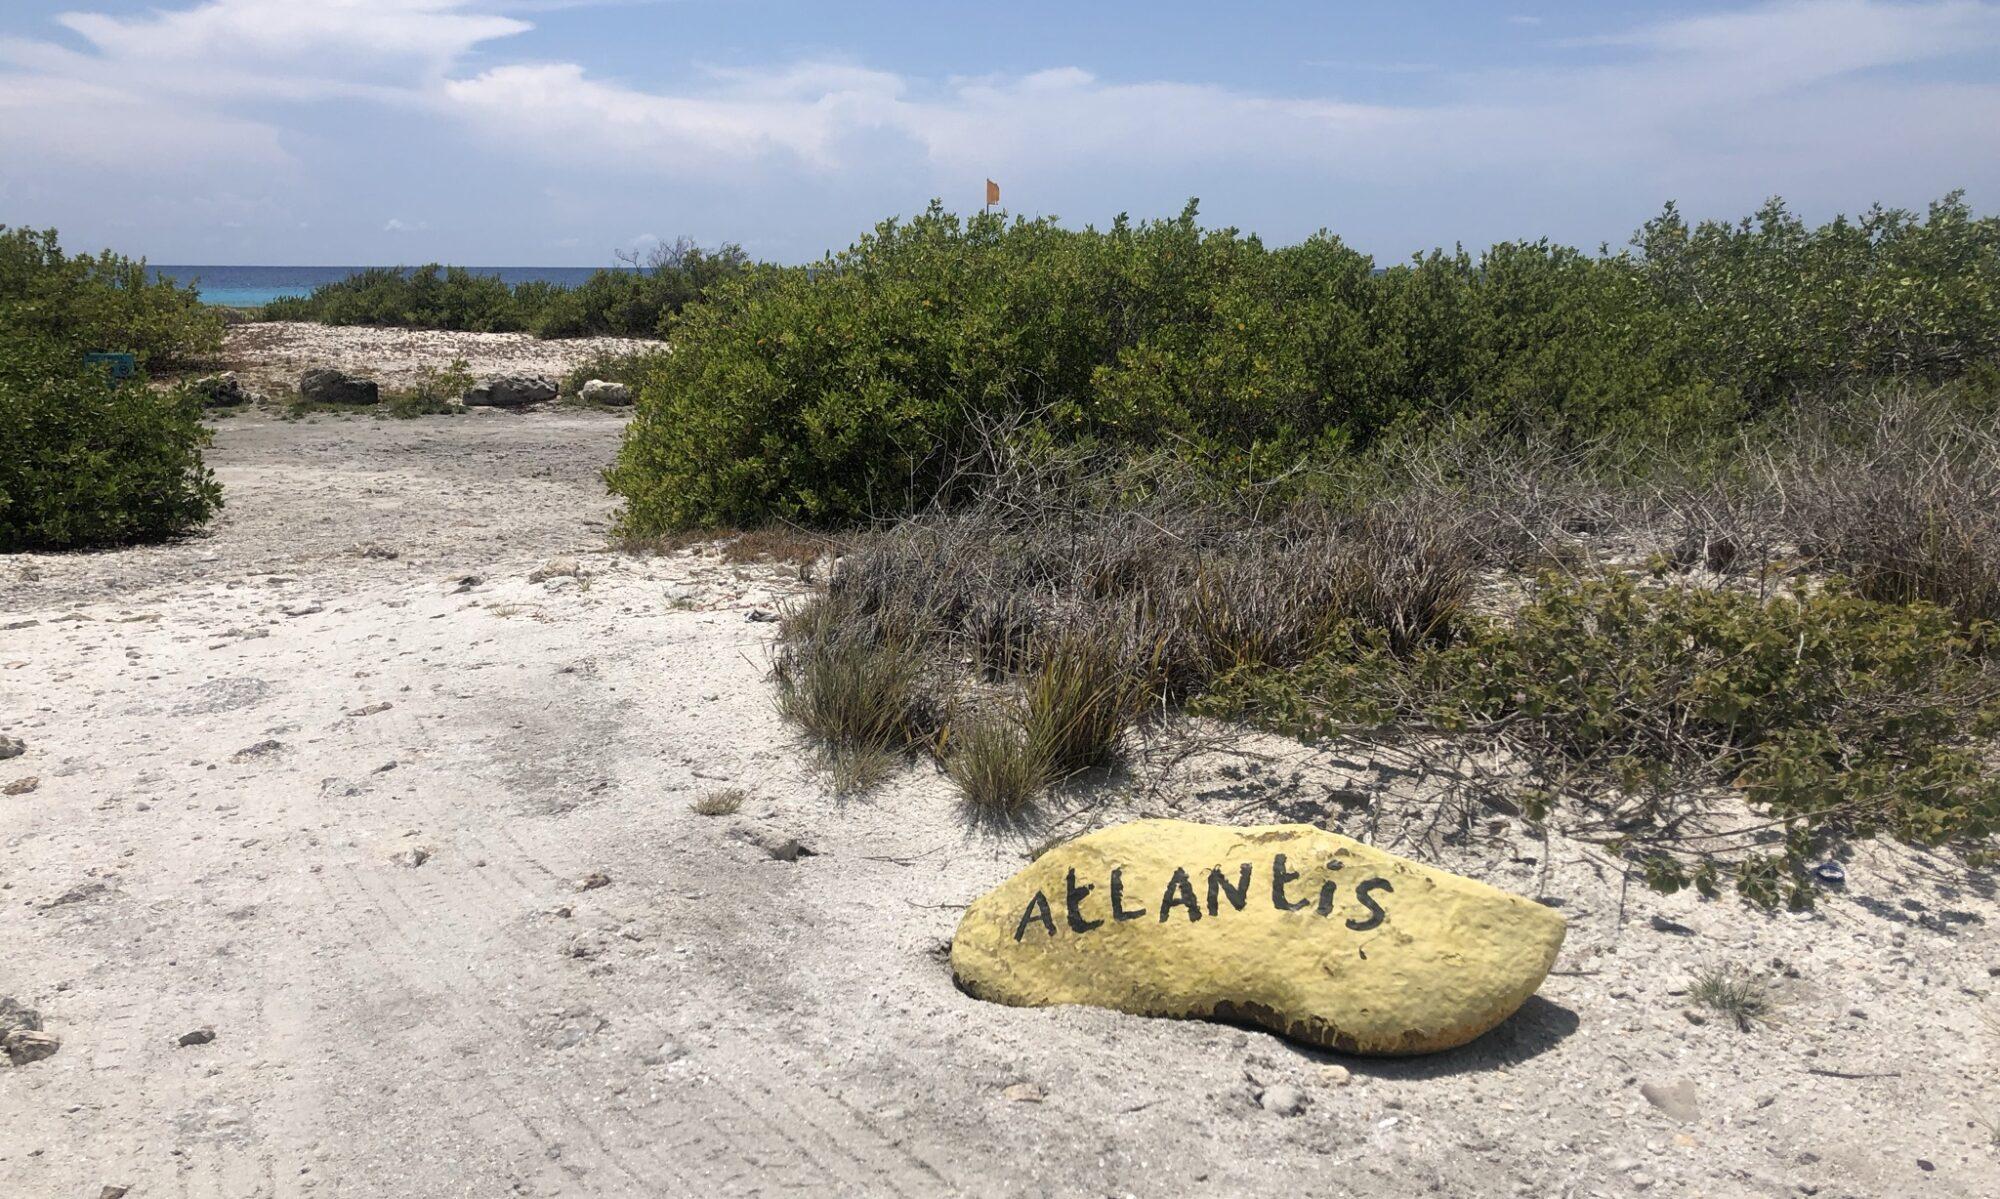 Atlantis-Aarschot